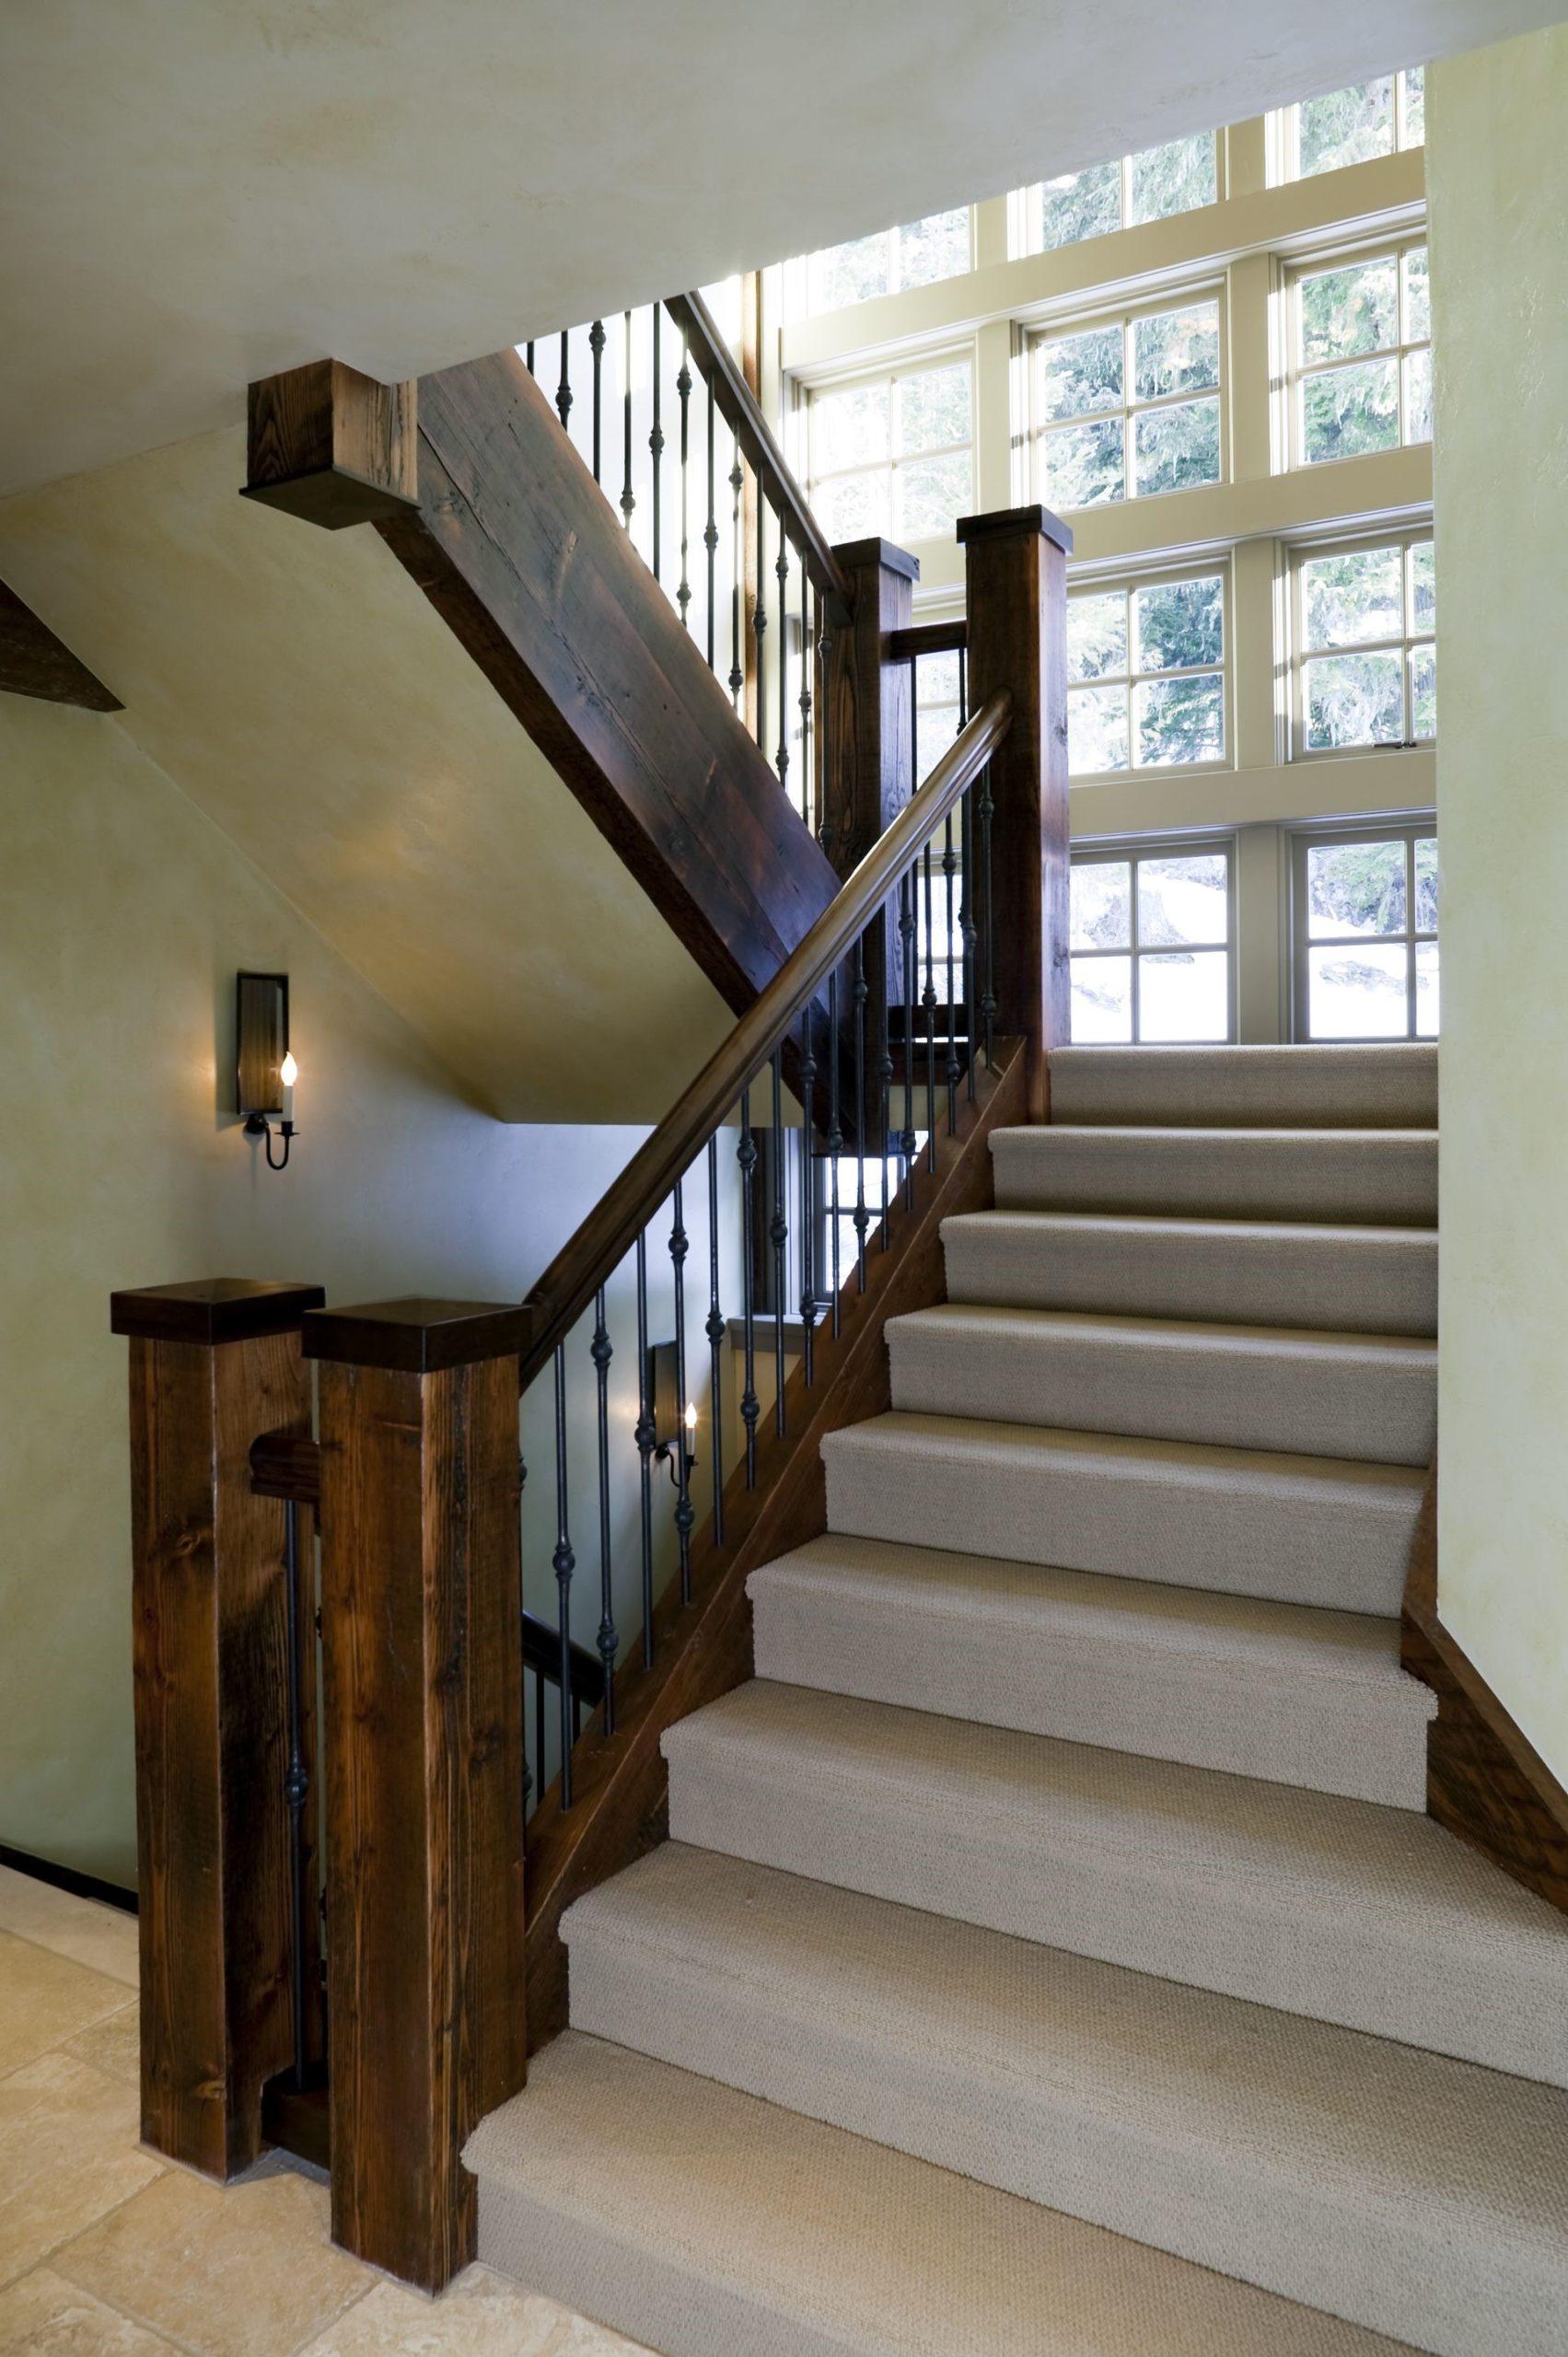 Escalier classique avec des balustrades en bois.